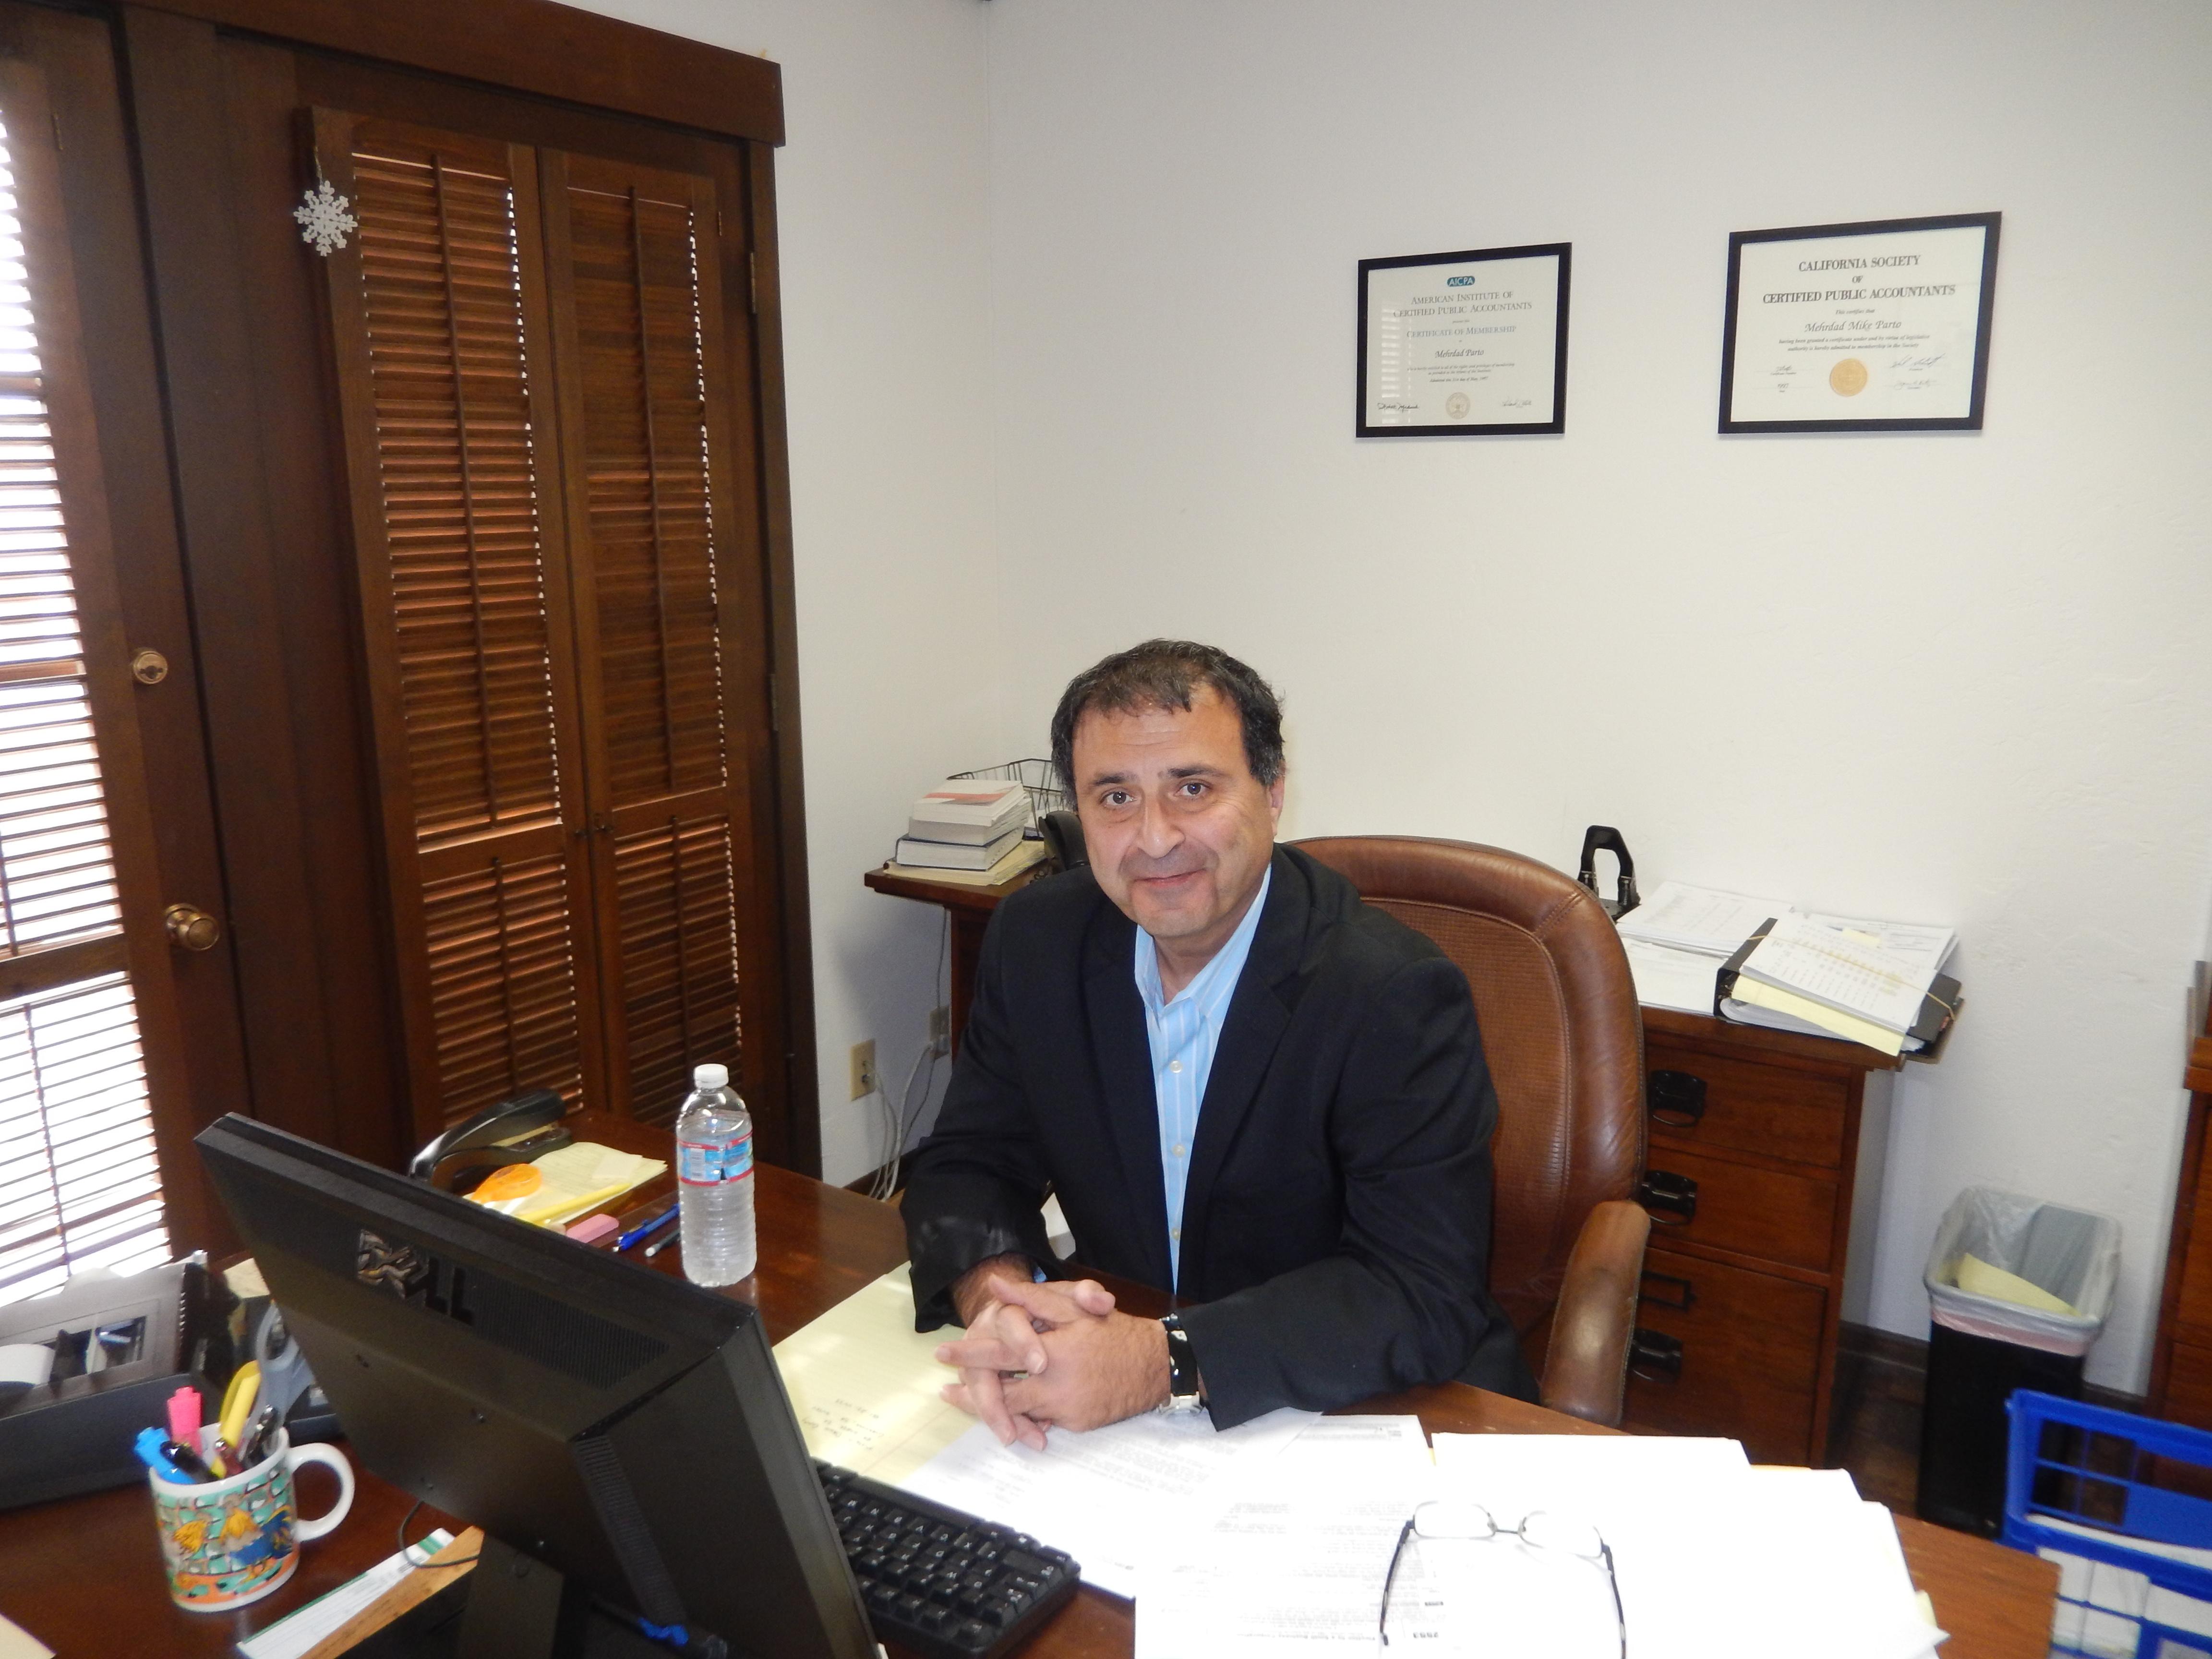 Michael M Parto, CPA